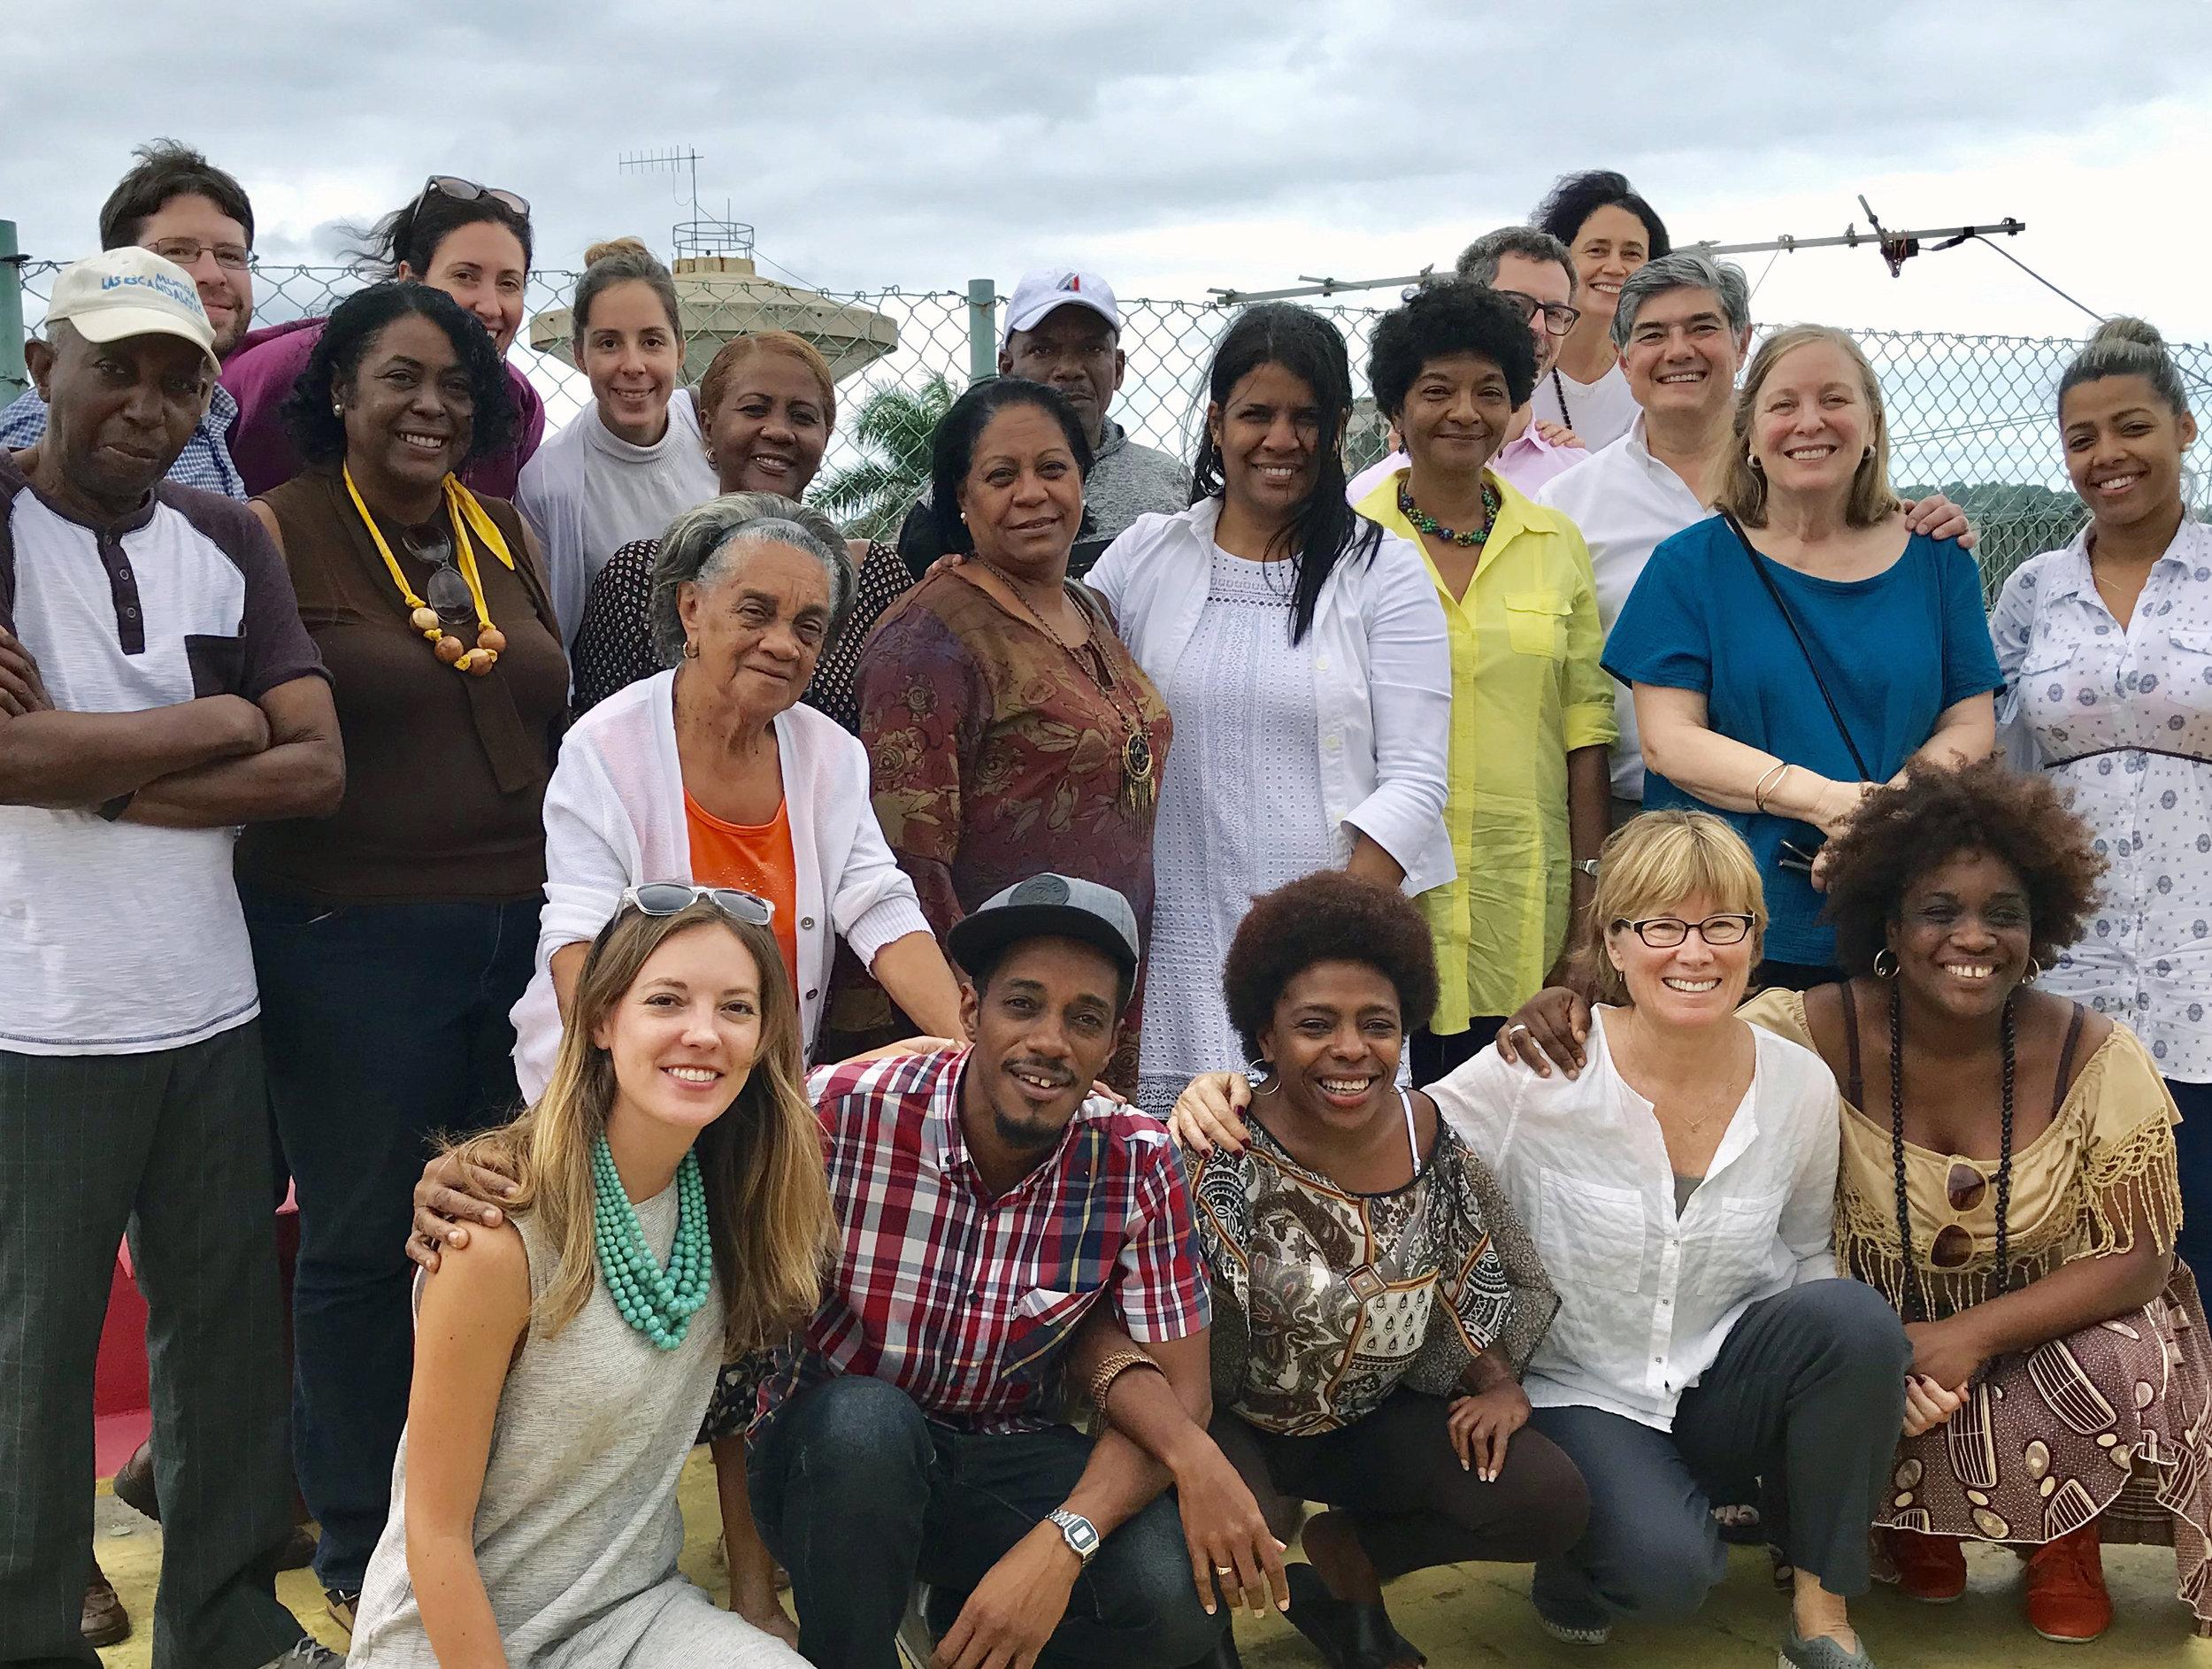 La Plataforma trabaja con Cuba y con los programas Atlantic Fellows para crear un mundo más justo, más saludable y más inclusivo. Lee más sobre nuestro trabajo.